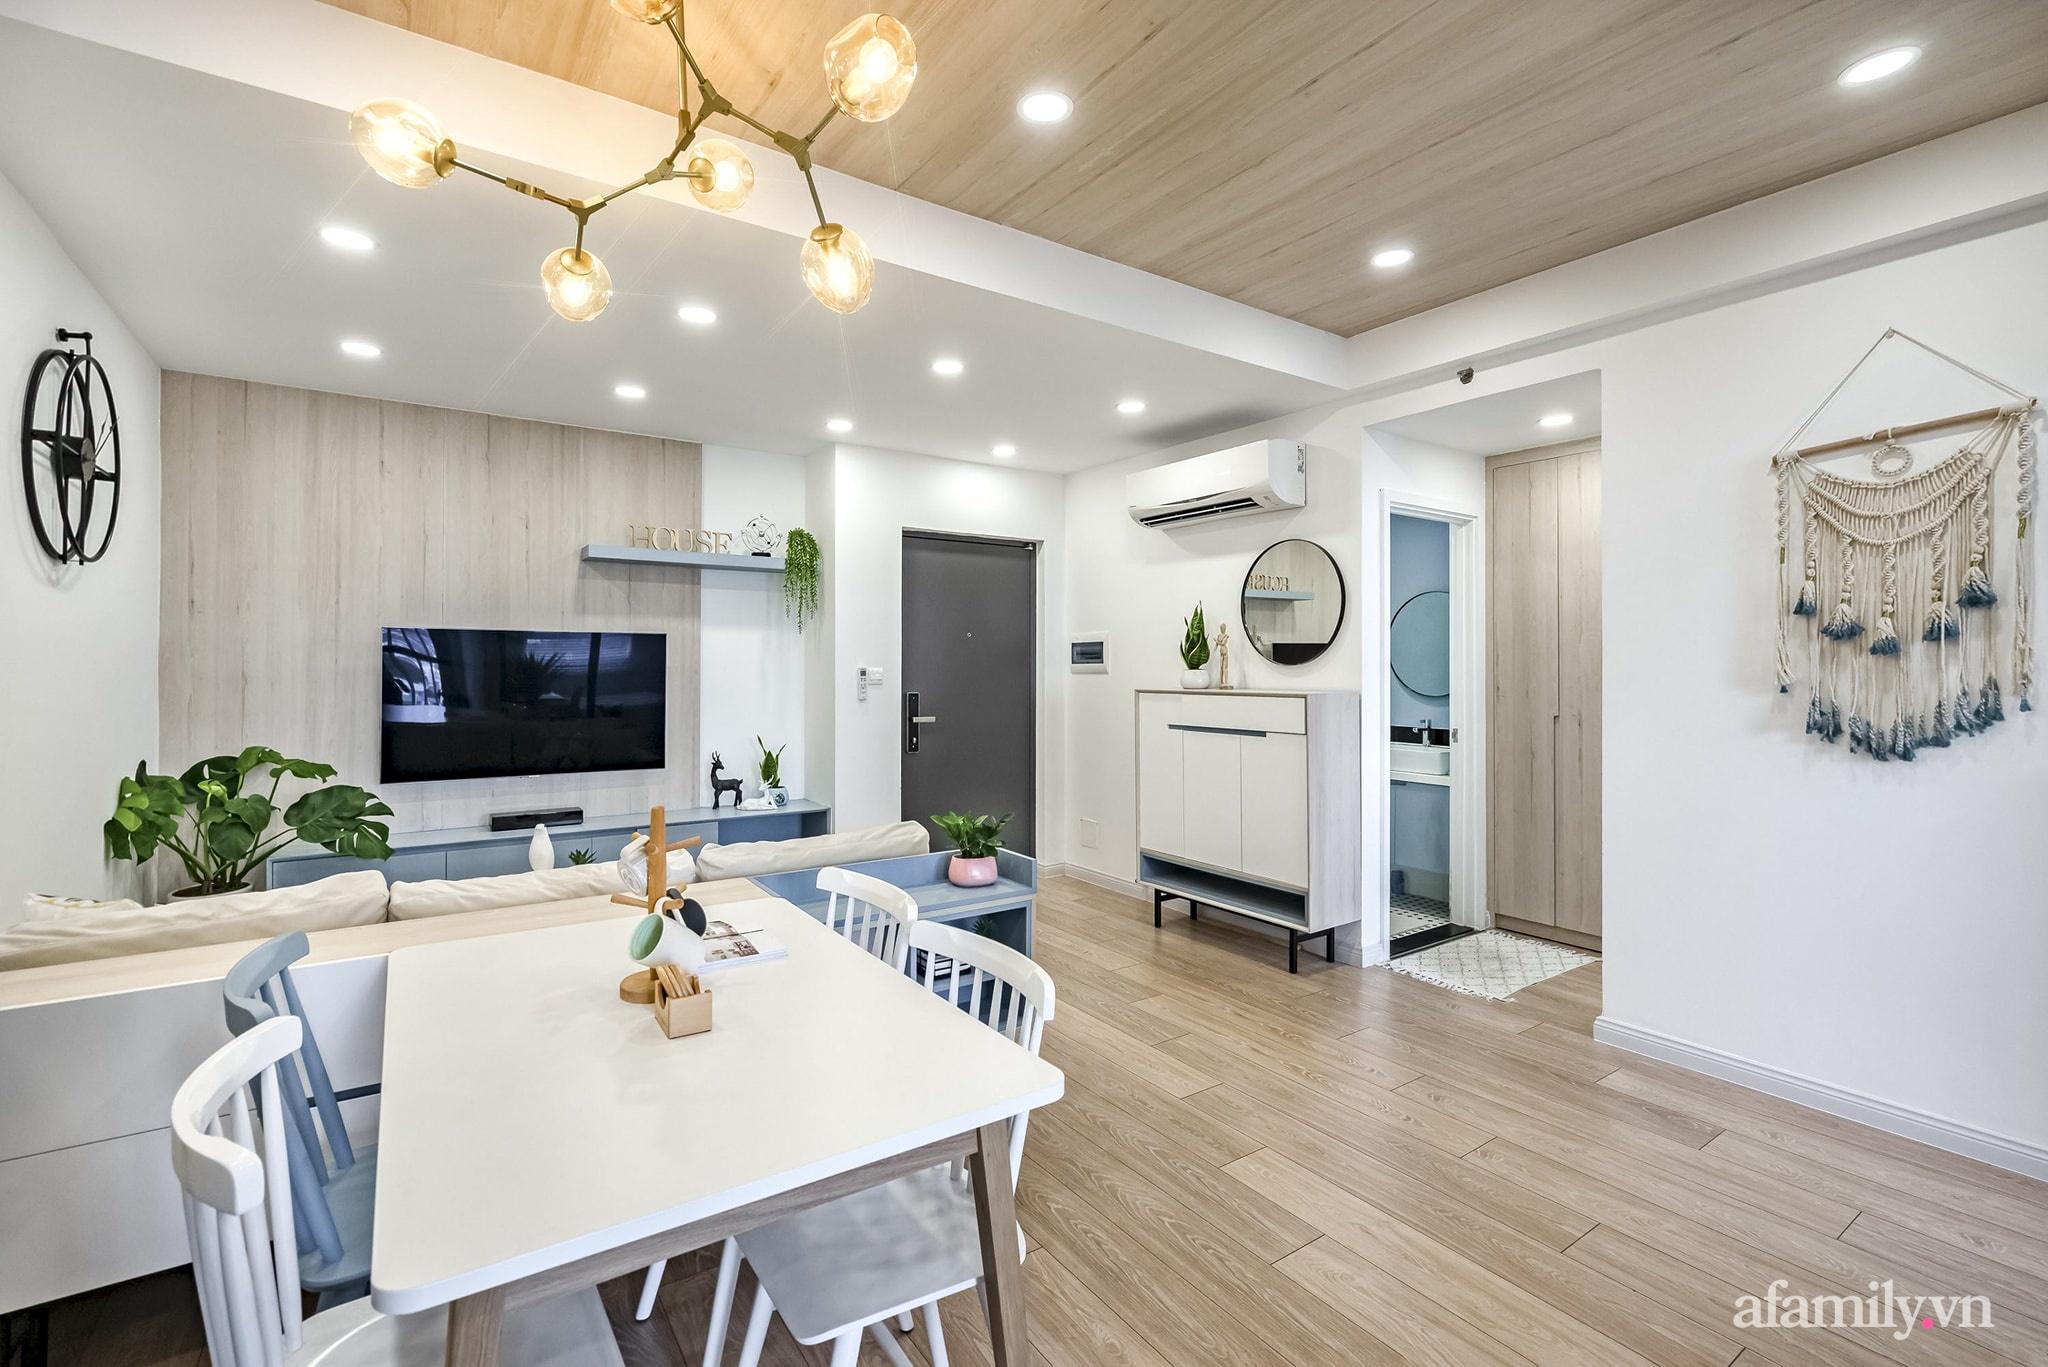 Căn hộ 65m² màu xanh yên bình của chàng trai quyết tâm mua nhà trước tuổi 30 ở Sài Gòn - Ảnh 3.